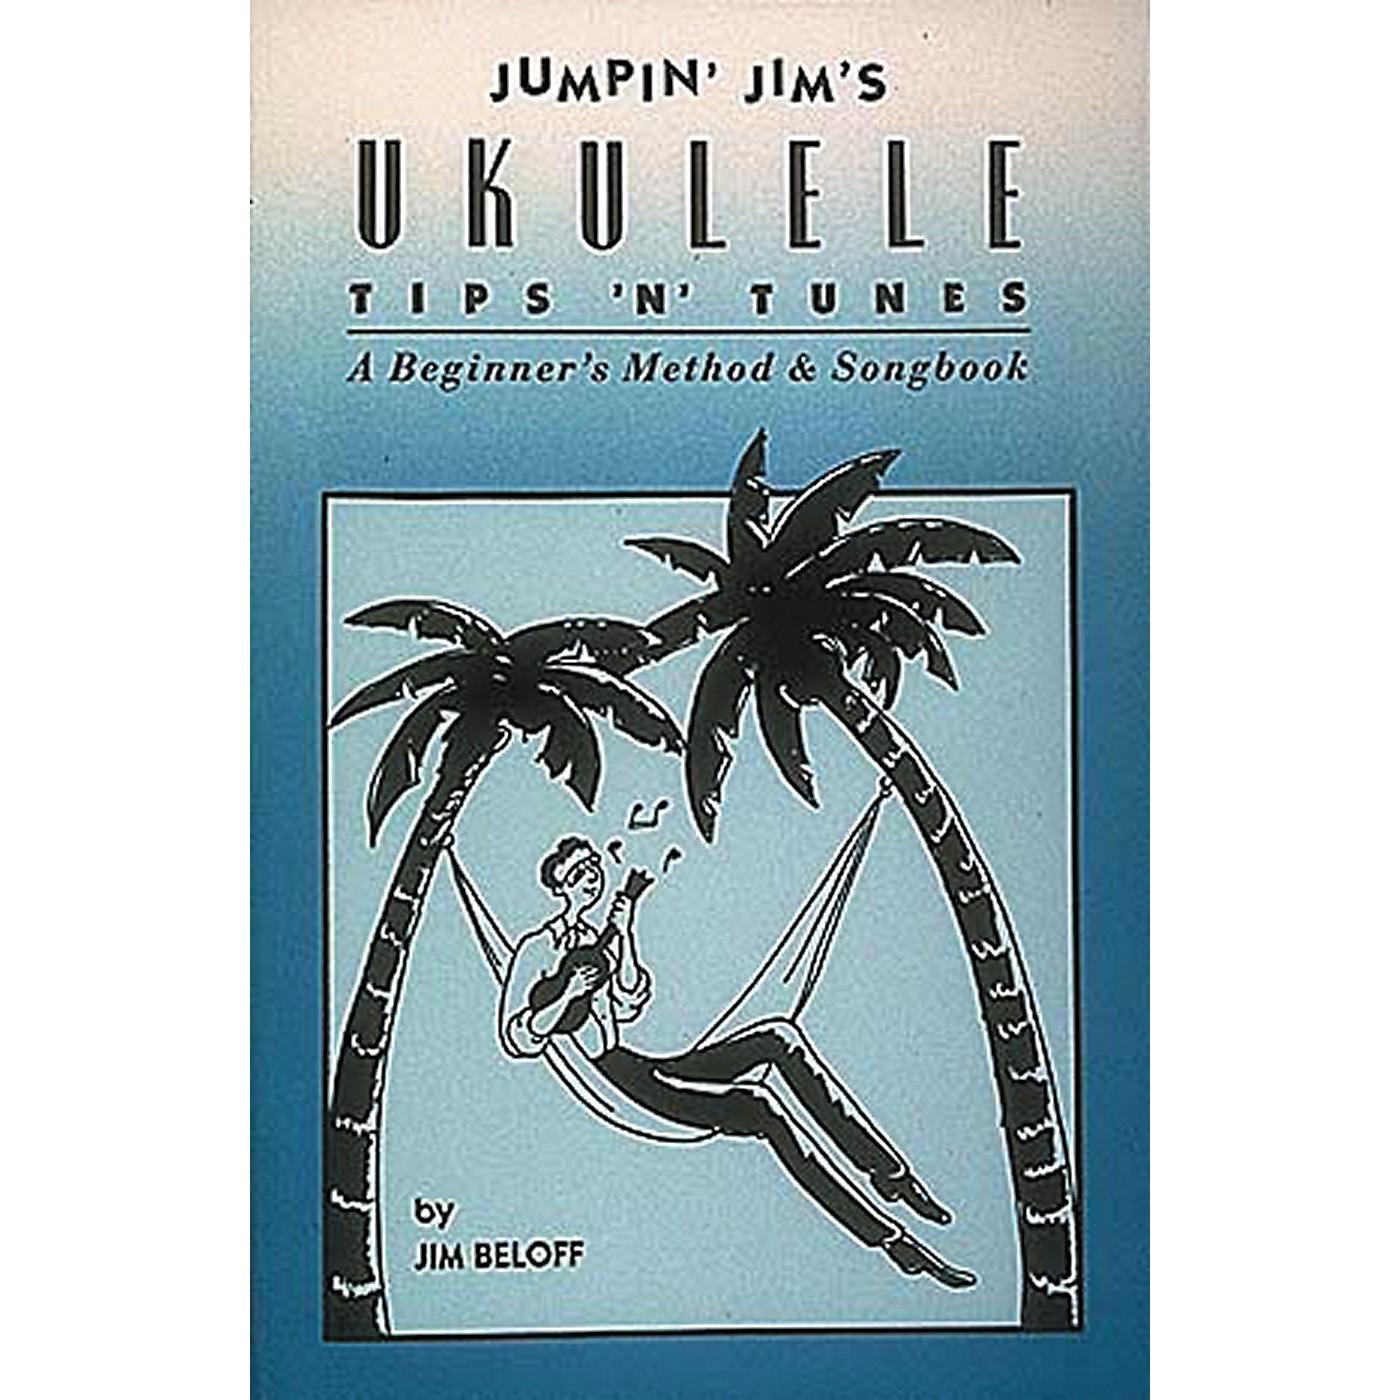 Hal Leonard Jumpin' Jim's Ukulele Tips 'N' Tunes Tab Songbook thumbnail